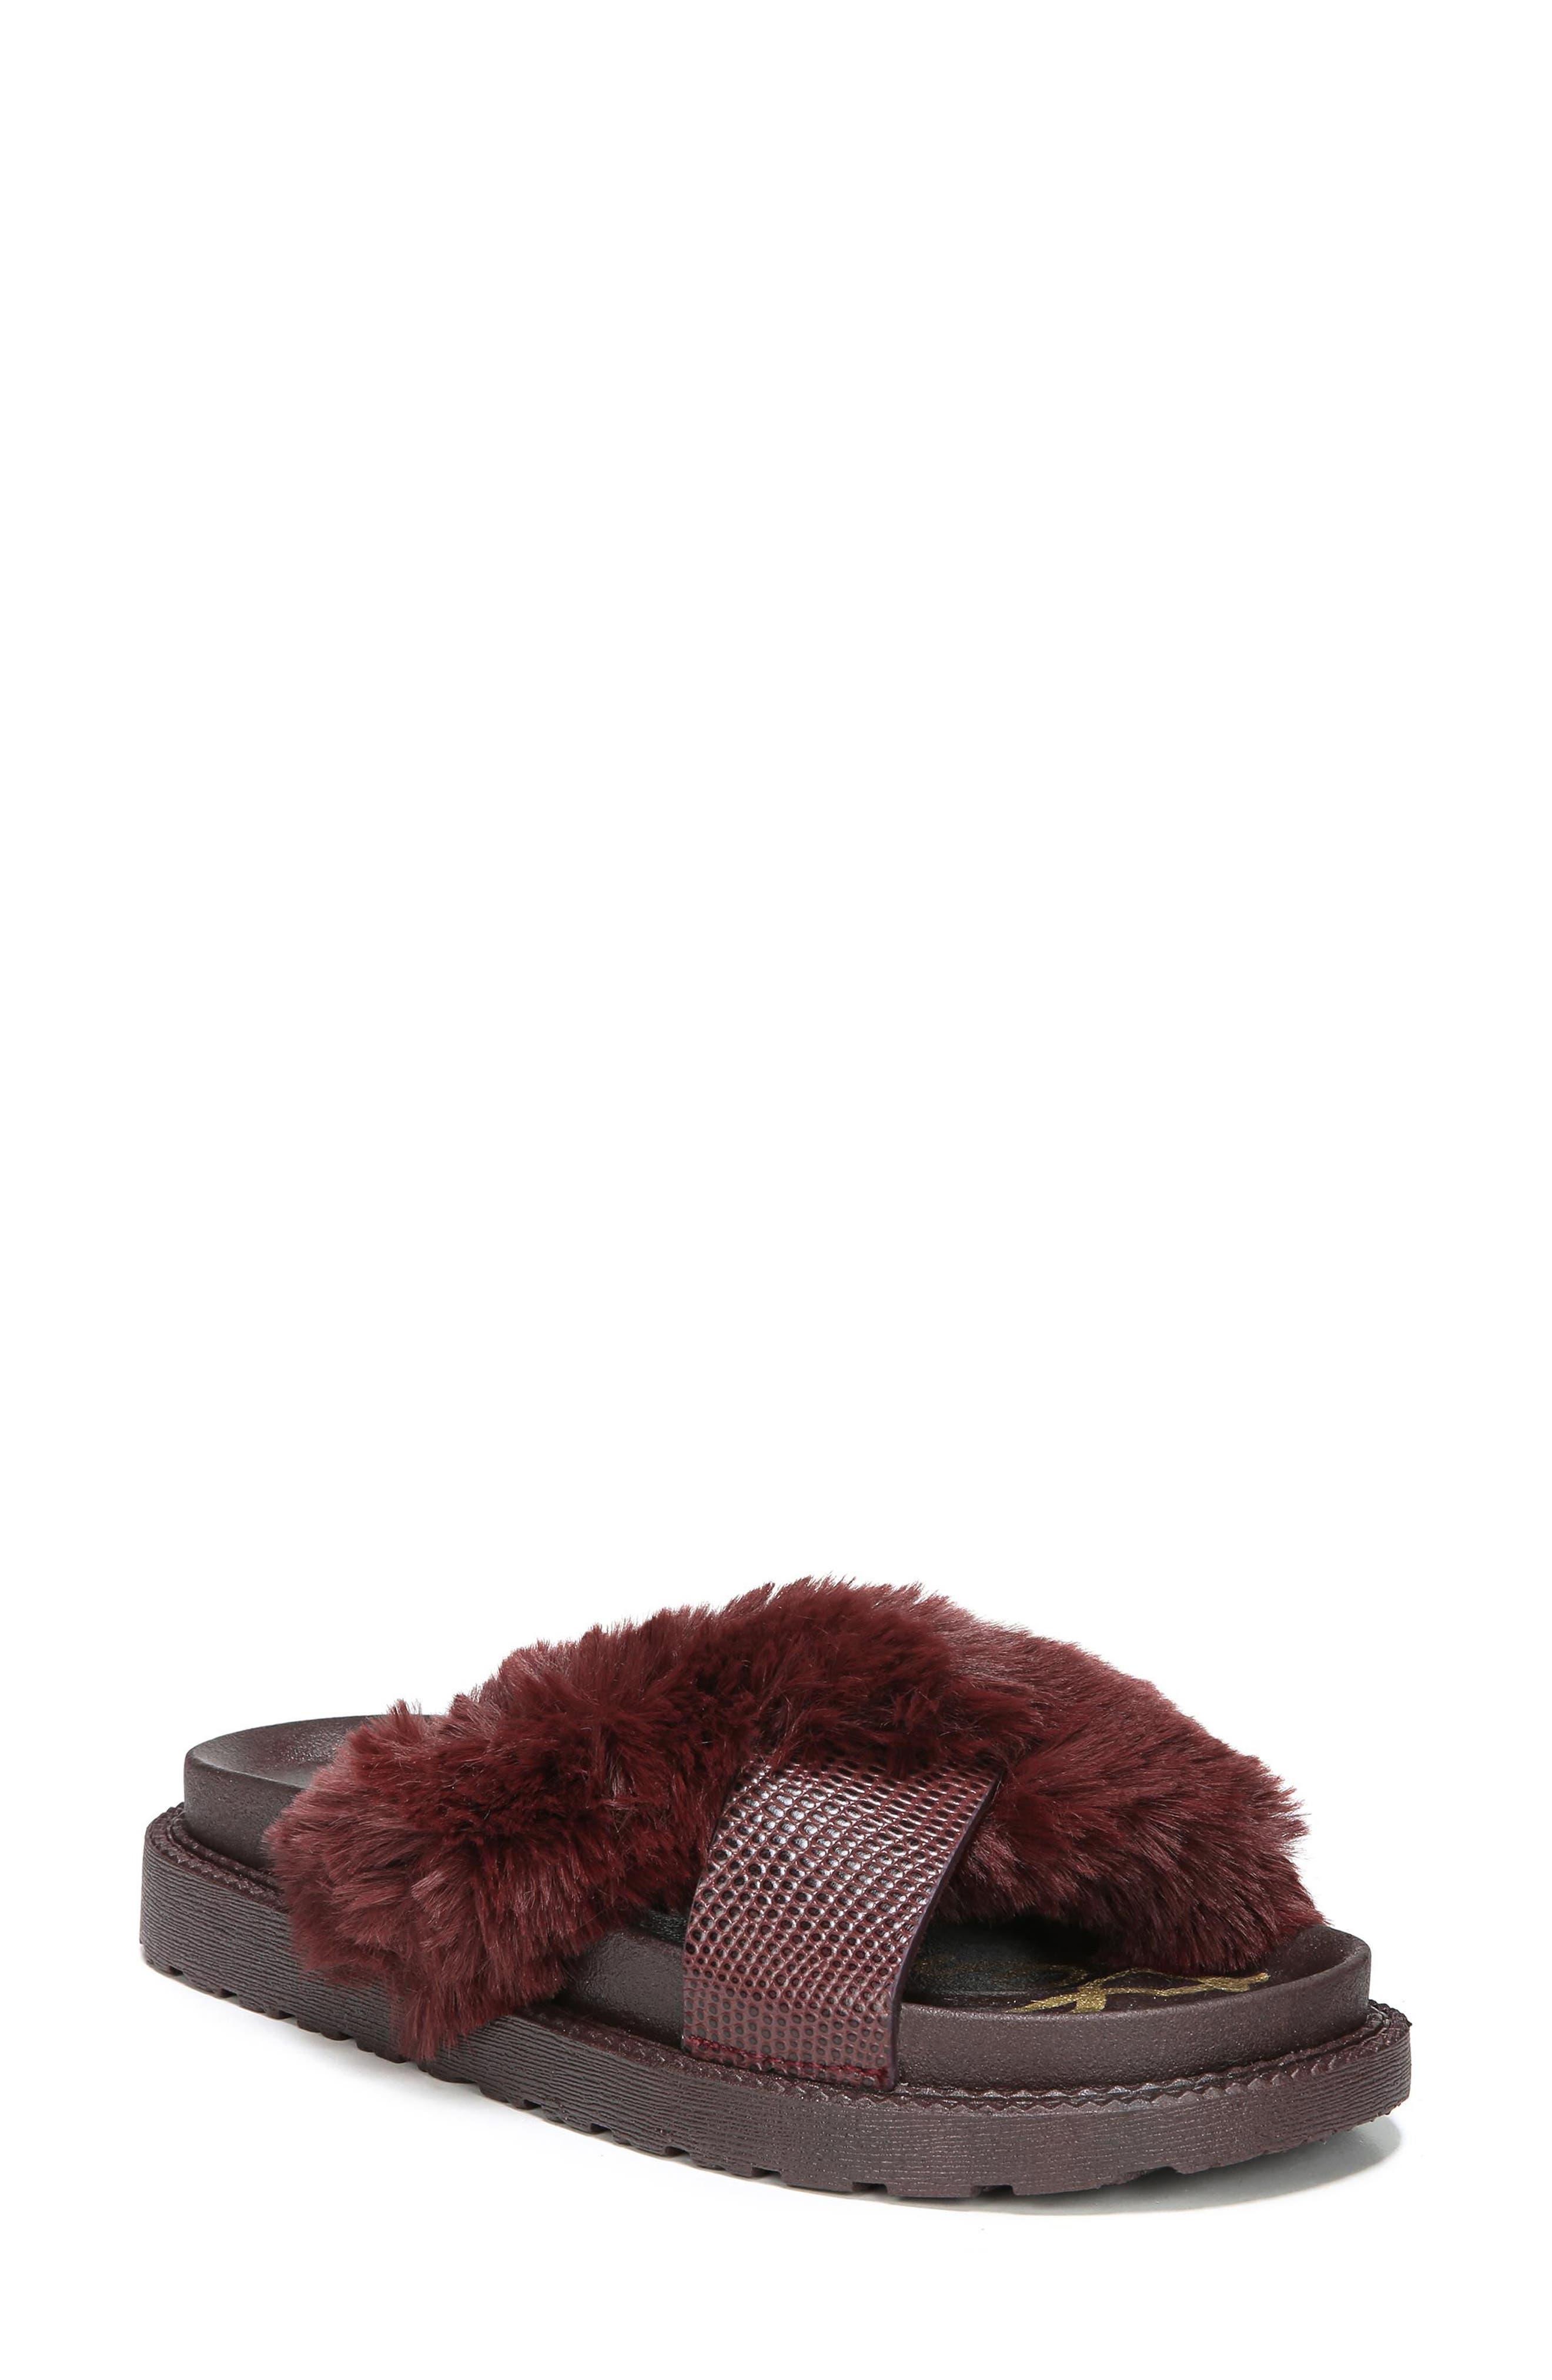 Main Image - Sam Edelman Bianca Faux Fur Cross Strap Sandal (Women)